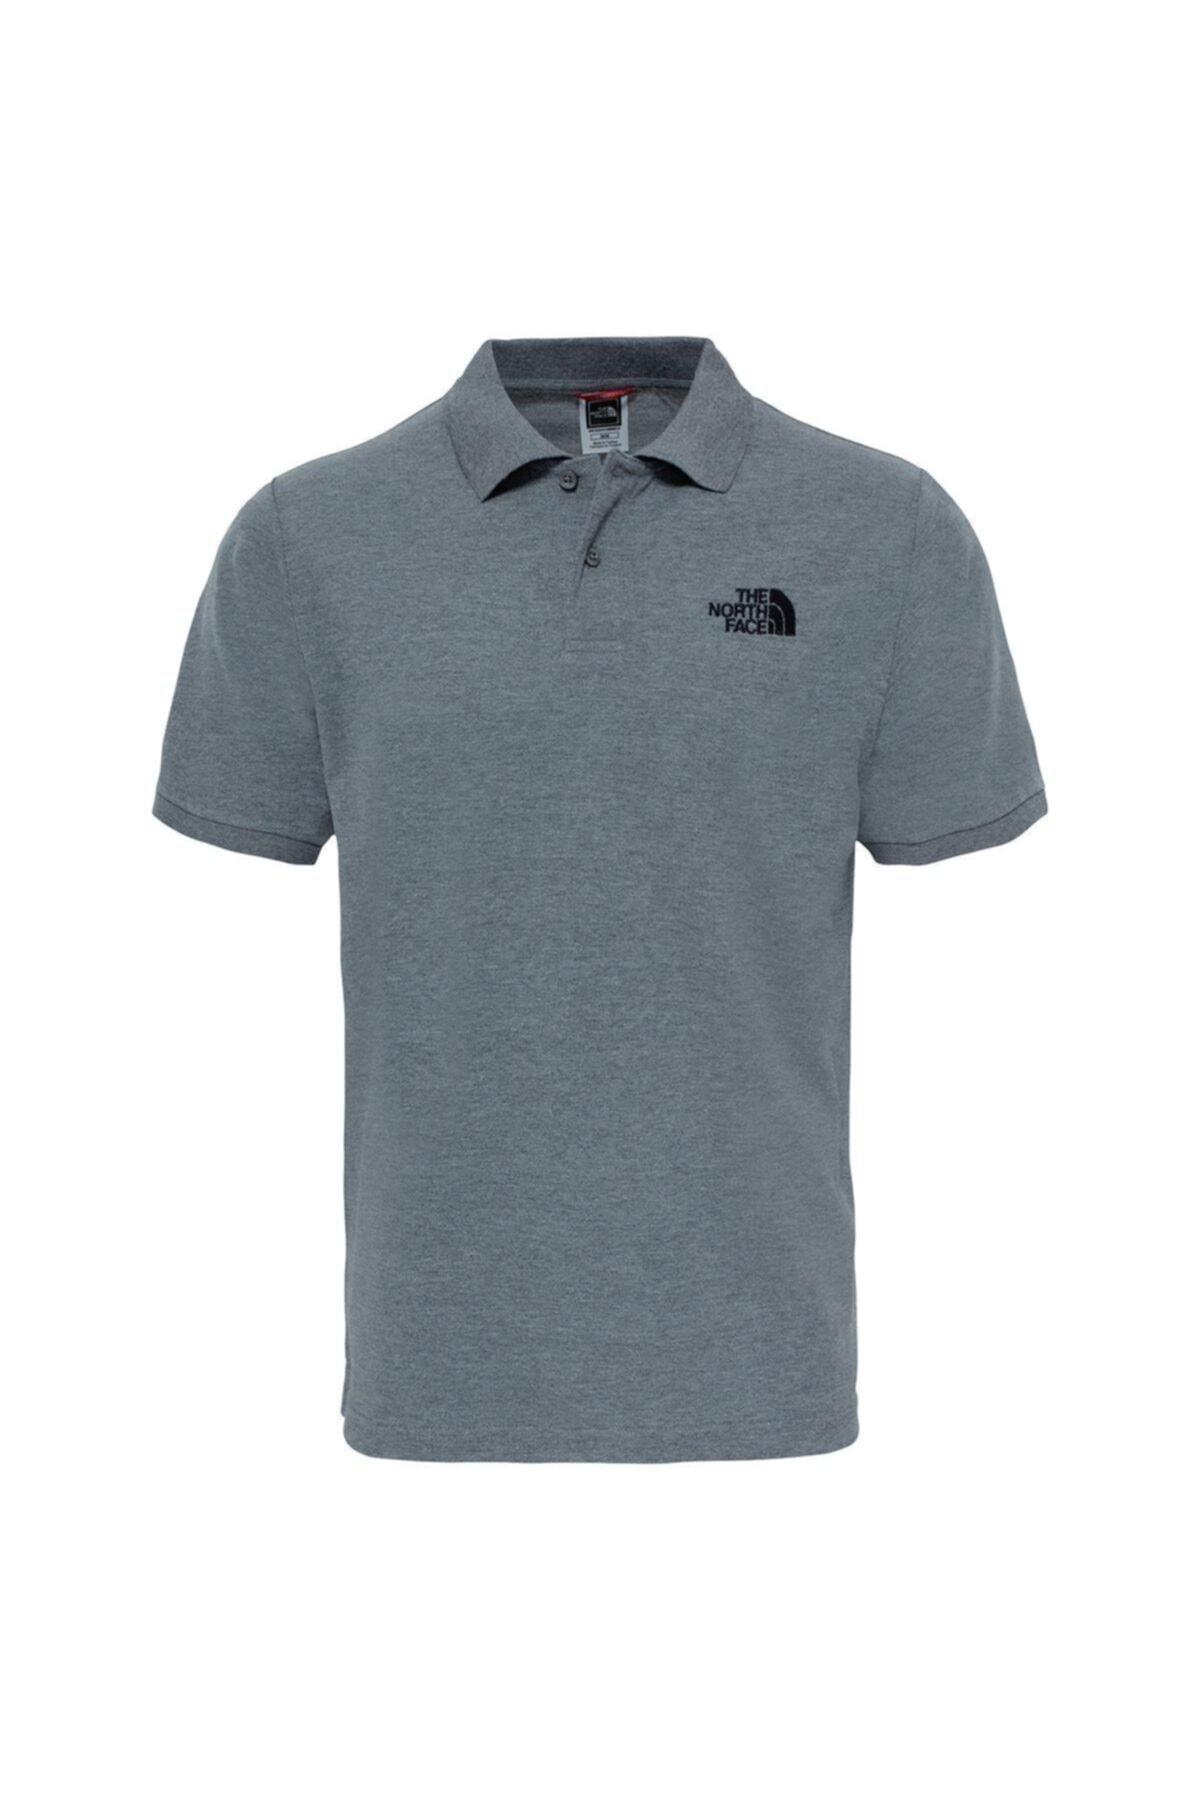 THE NORTH FACE Erkek T-Shirt - Polo Pike Erkek Tişört - T0CG71LXS 1